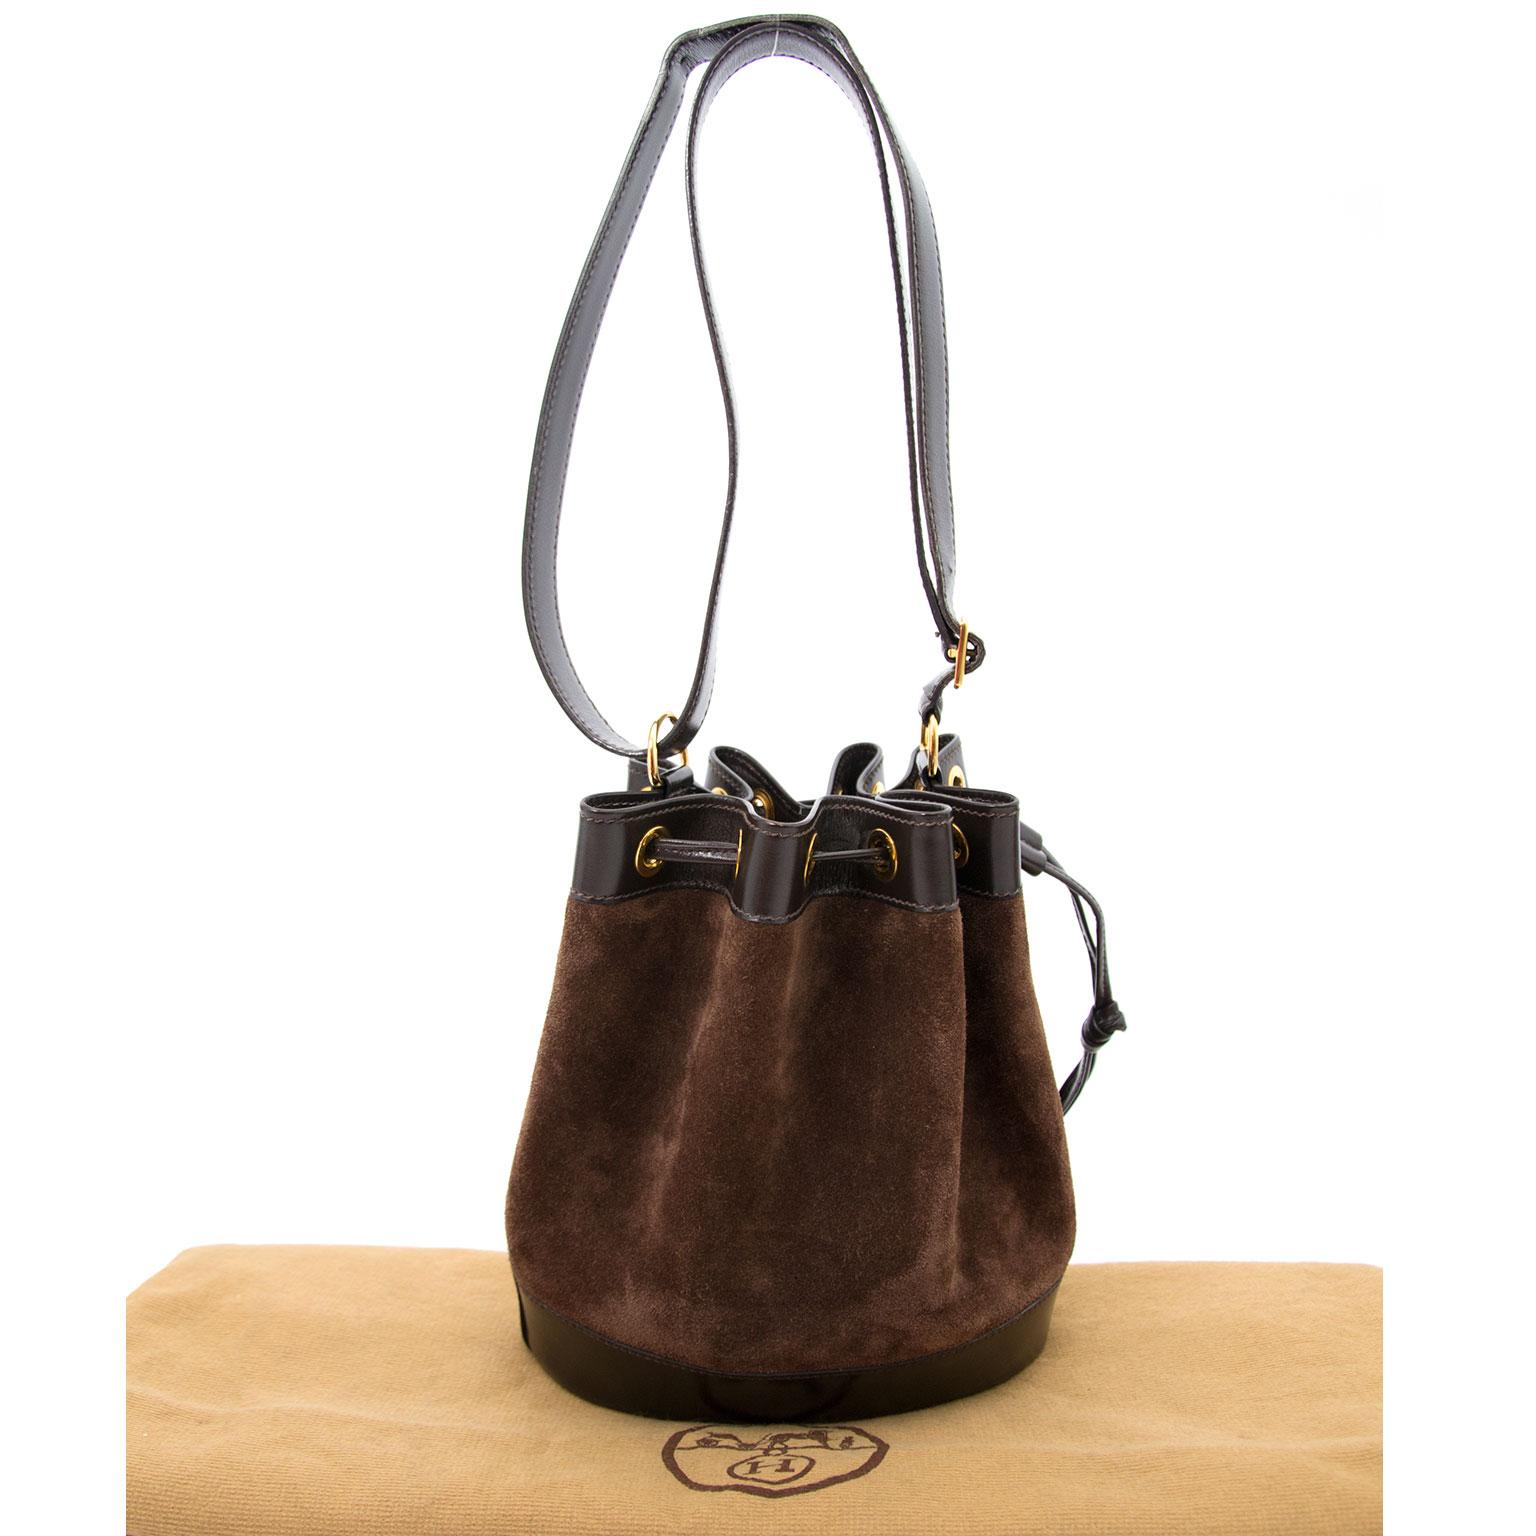 koop veilig online aan de beste prijs Hermes Brown Suede Bucket Bag